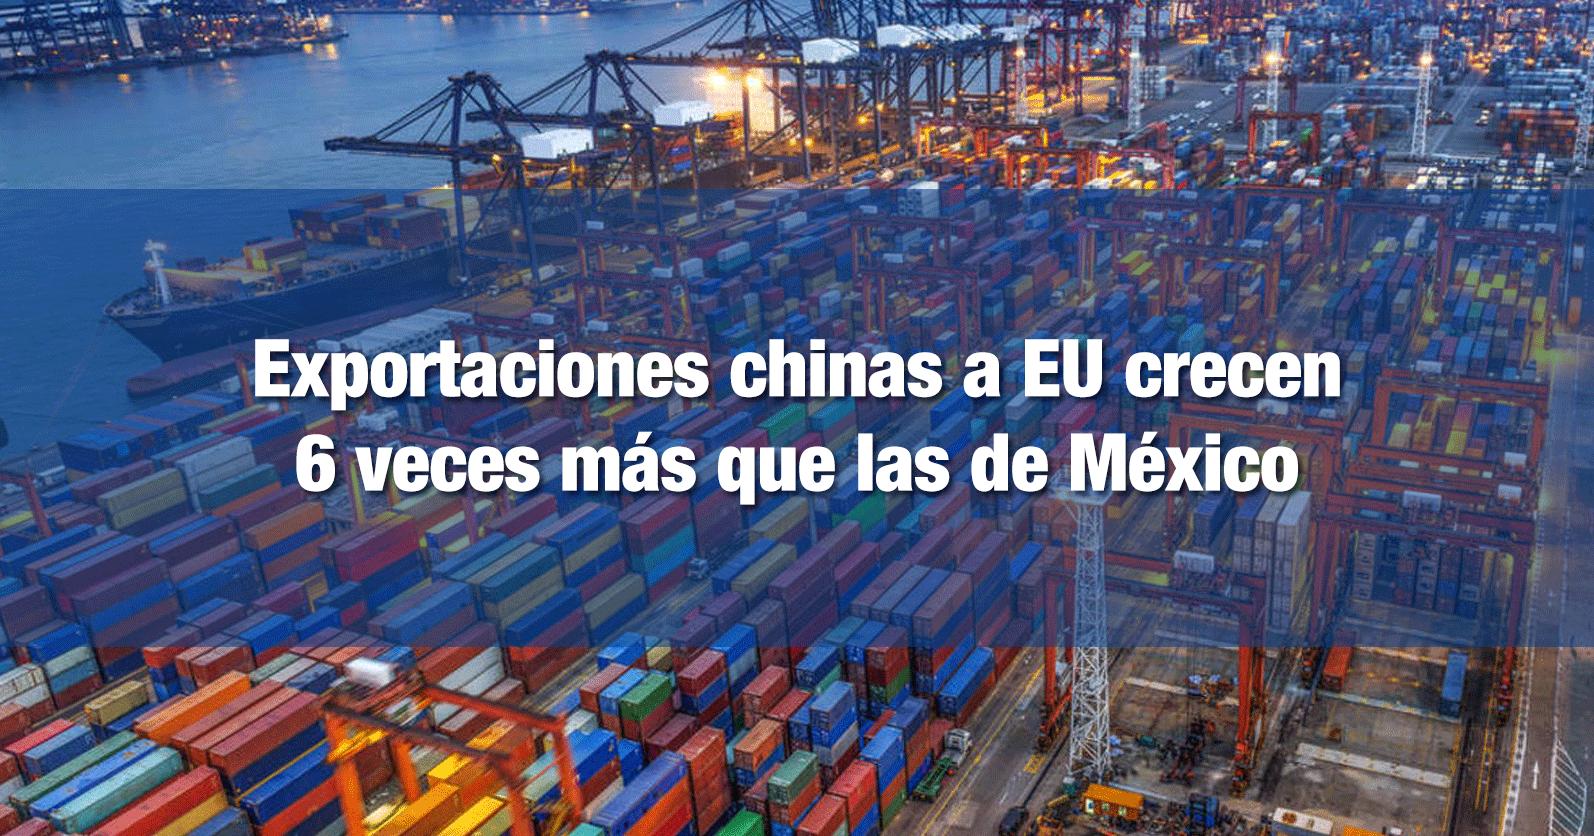 Exportaciones chinas a EU crecen 6 veces más que las de México